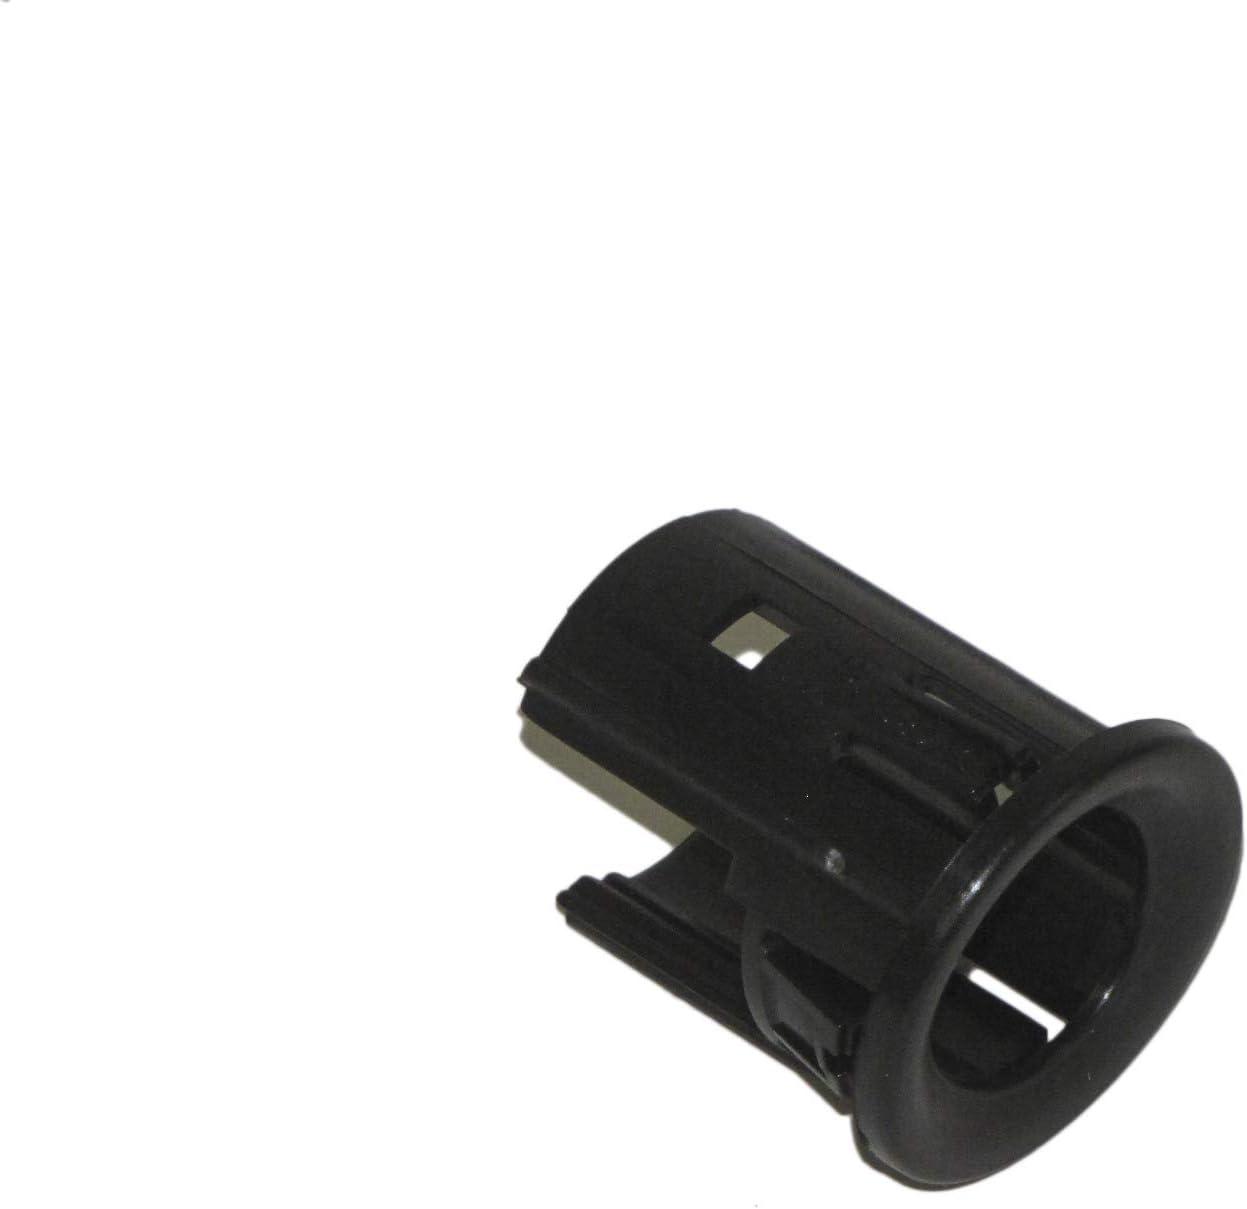 Park Assist Sensor Retainer Inner Outer 4pc Black For Silverado Sierra 2015-2018